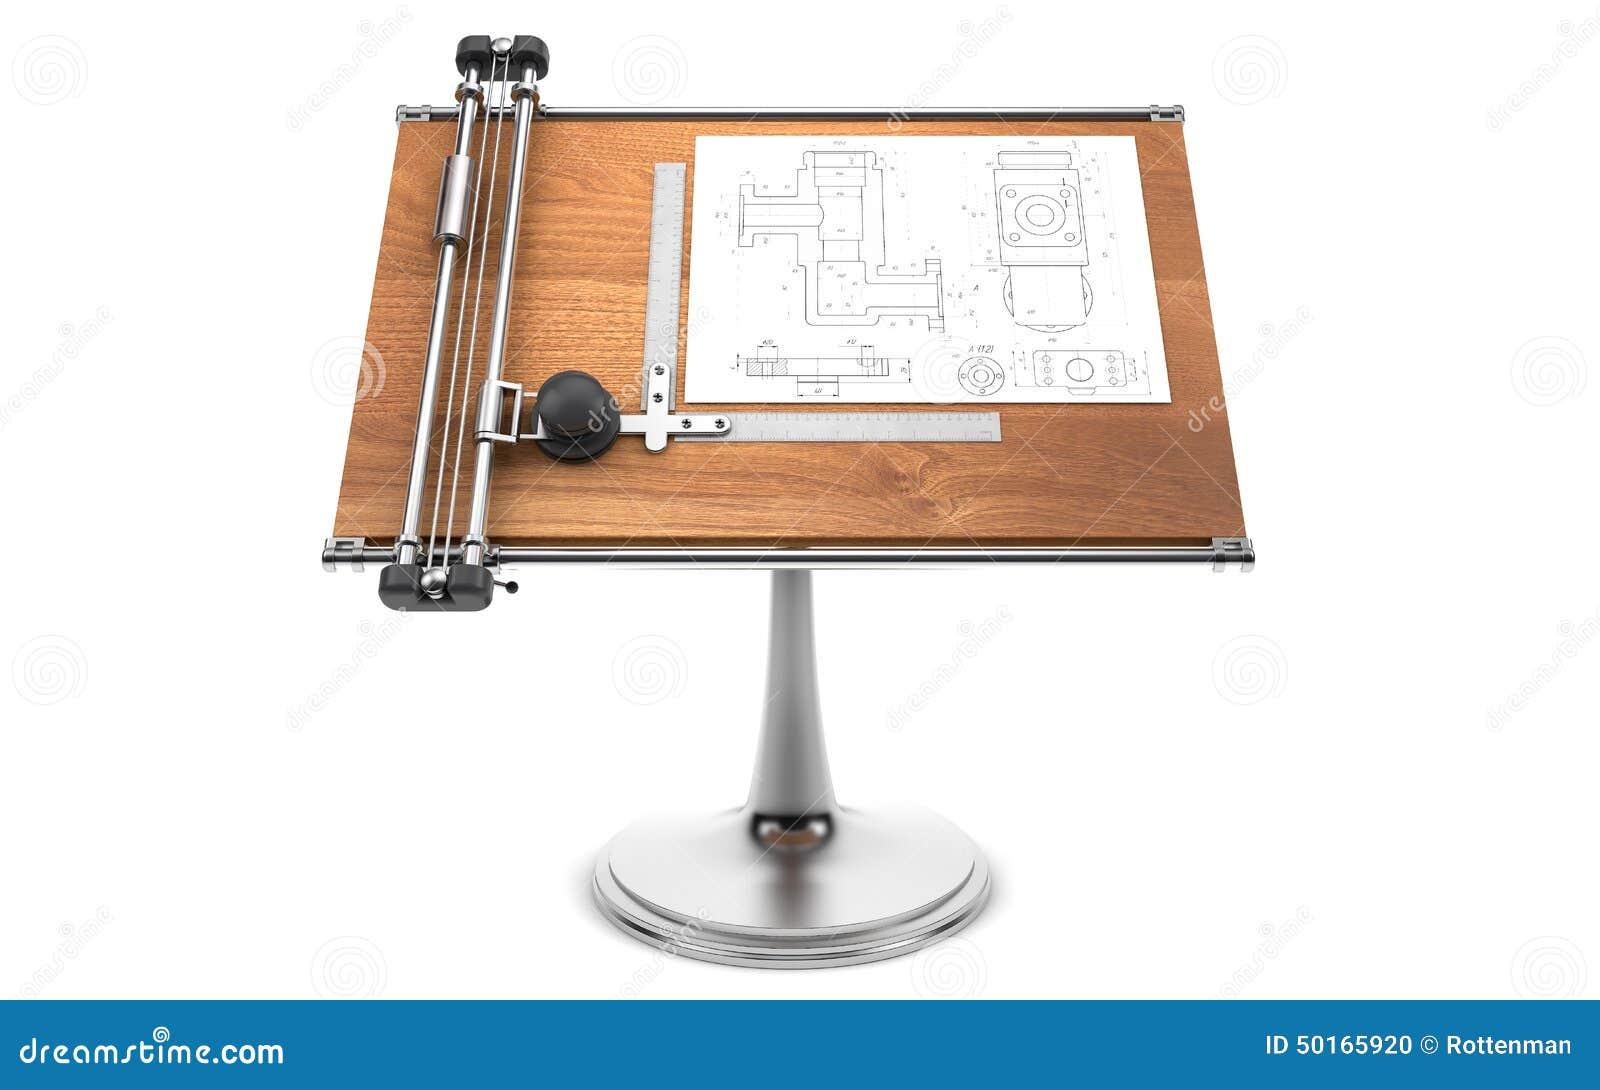 Scrivania Da Disegno : Vista superiore del tavolo da disegno con gli strumenti percorso